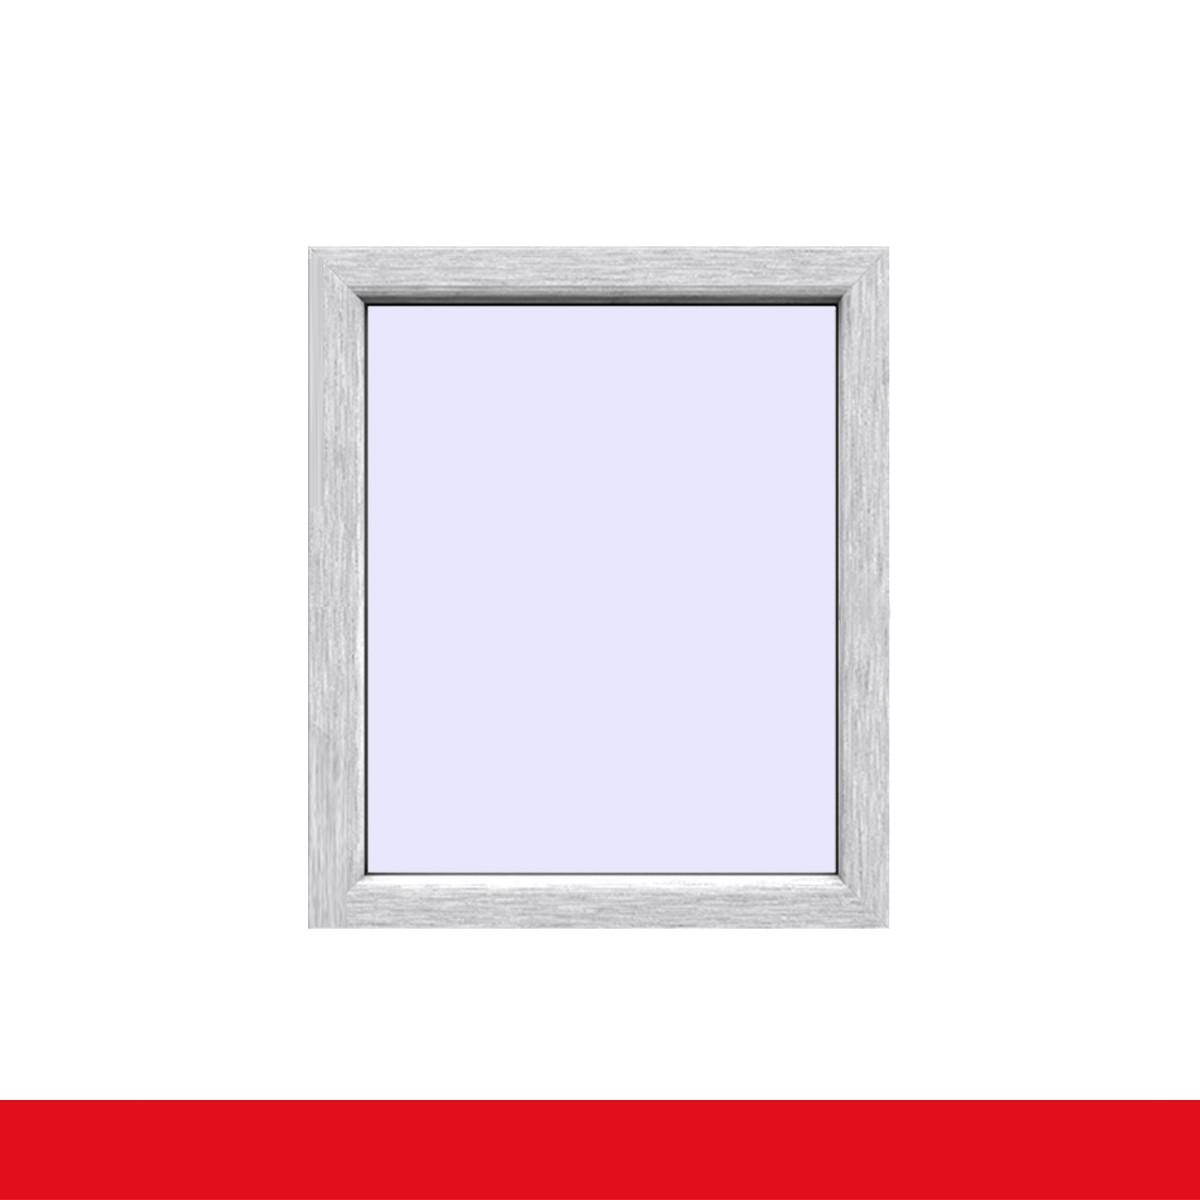 Full Size of Festverglasung Einflgeliges Fenster Aluminium Gebrstet Kunststoff Konfigurator Polen Rundes Alarmanlagen Für Und Türen Aco Alu 3 Fach Verglasung Polnische Fenster Fenster Konfigurieren